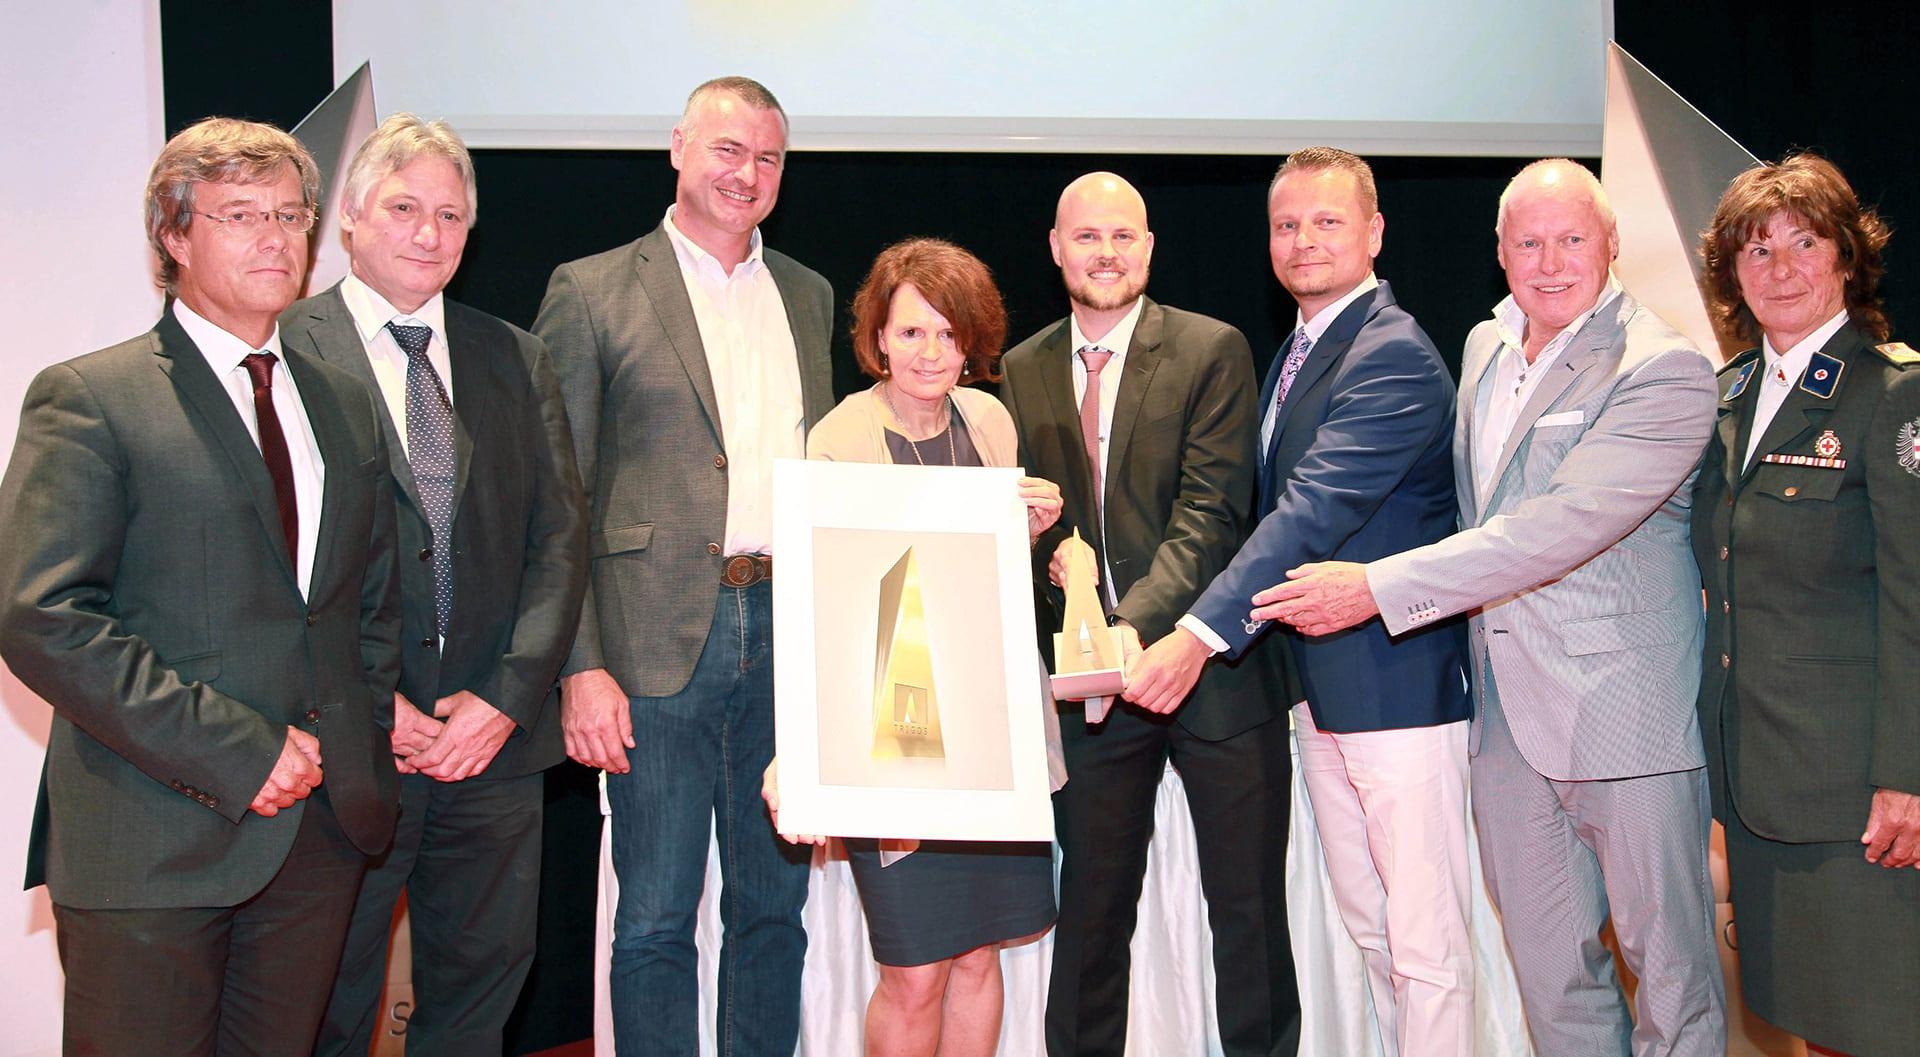 TRIGOS-Kaernten-Gewinner-Regionale-Wertschaffung-@HannesKrainz